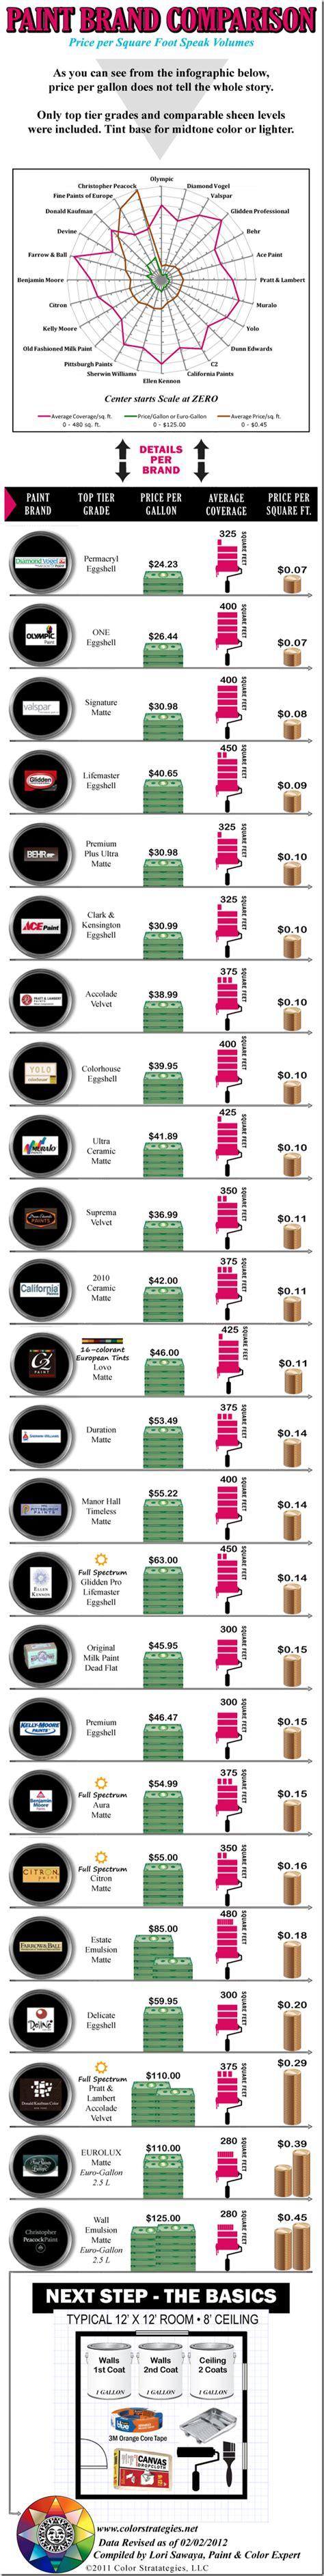 paint prices per gallon and per square foot comparison 2012